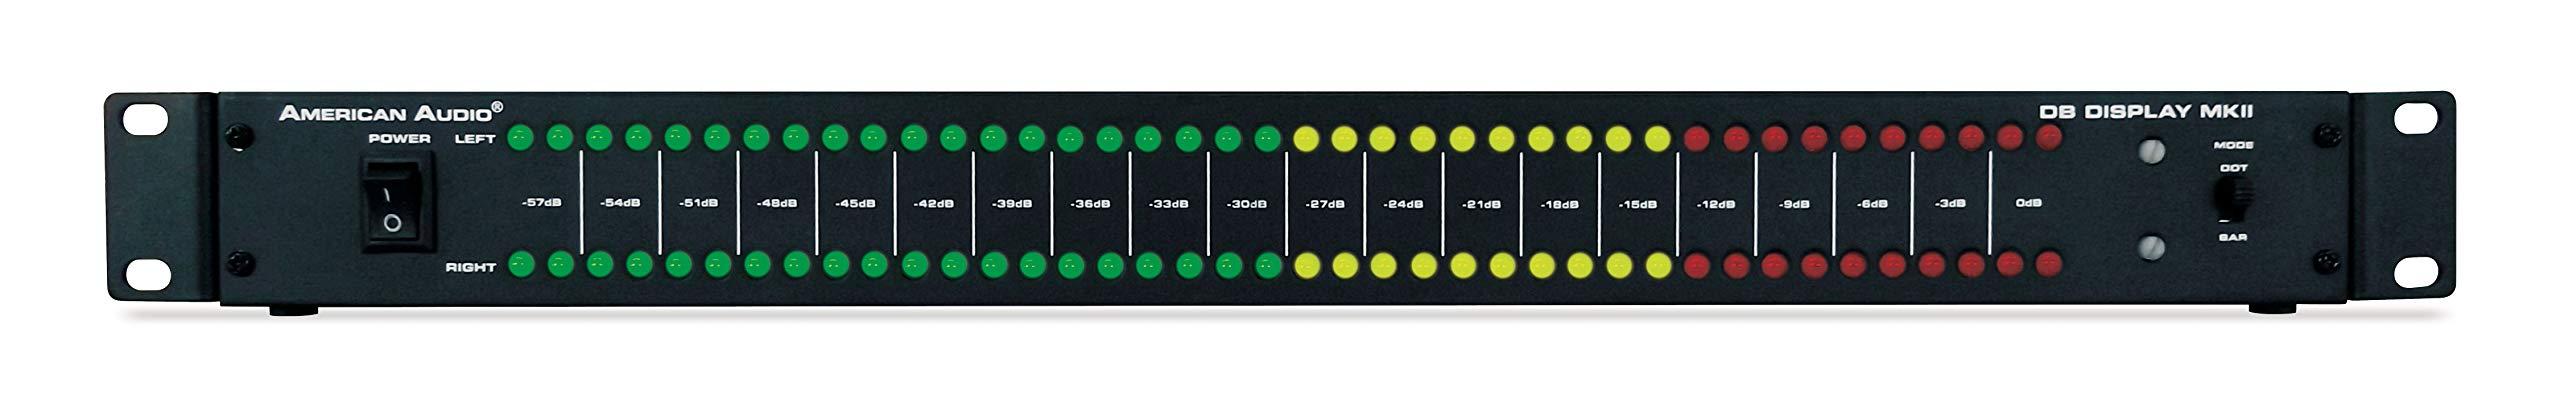 ADJ Products mountable Display MKII